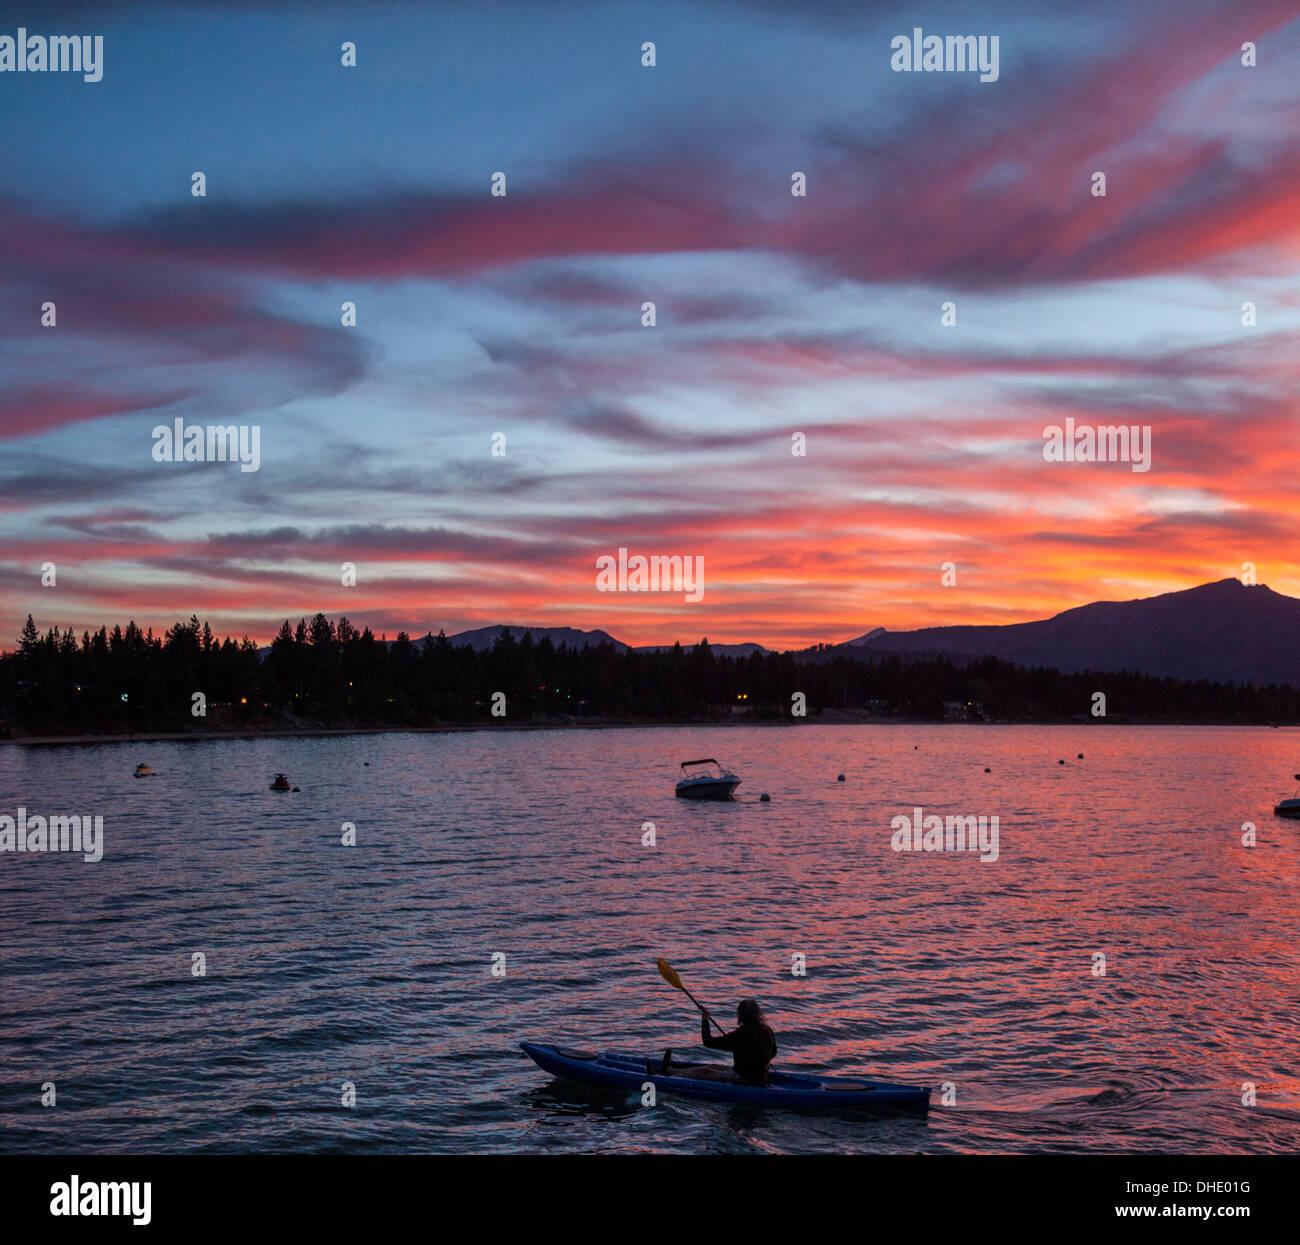 Kajakfahrer in Lake Tahoe bei Sonnenuntergang Stockbild